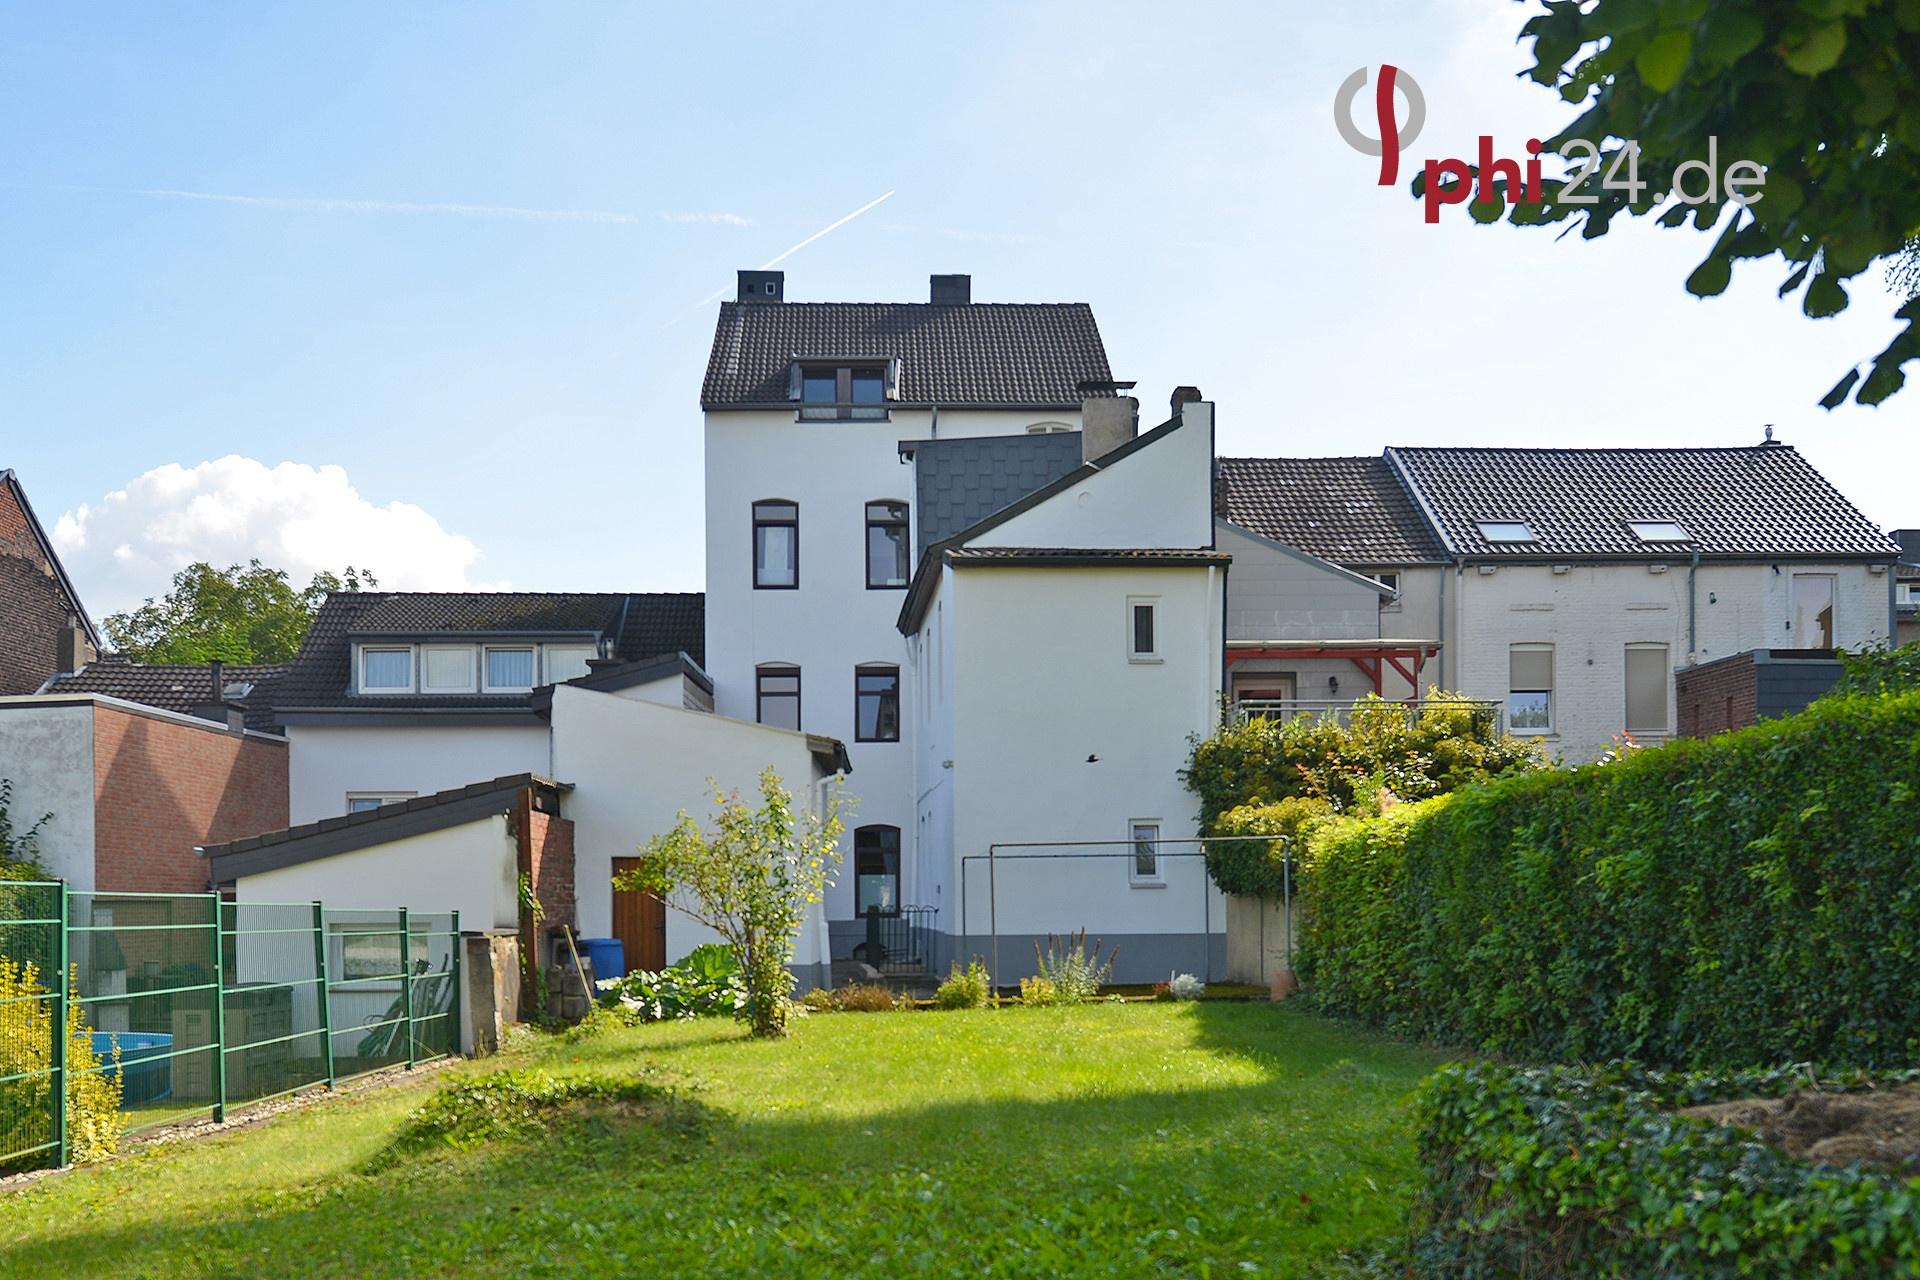 Immobilienmakler Eschweiler Mehrfamilienhaus referenzen mit Immobilienbewertung